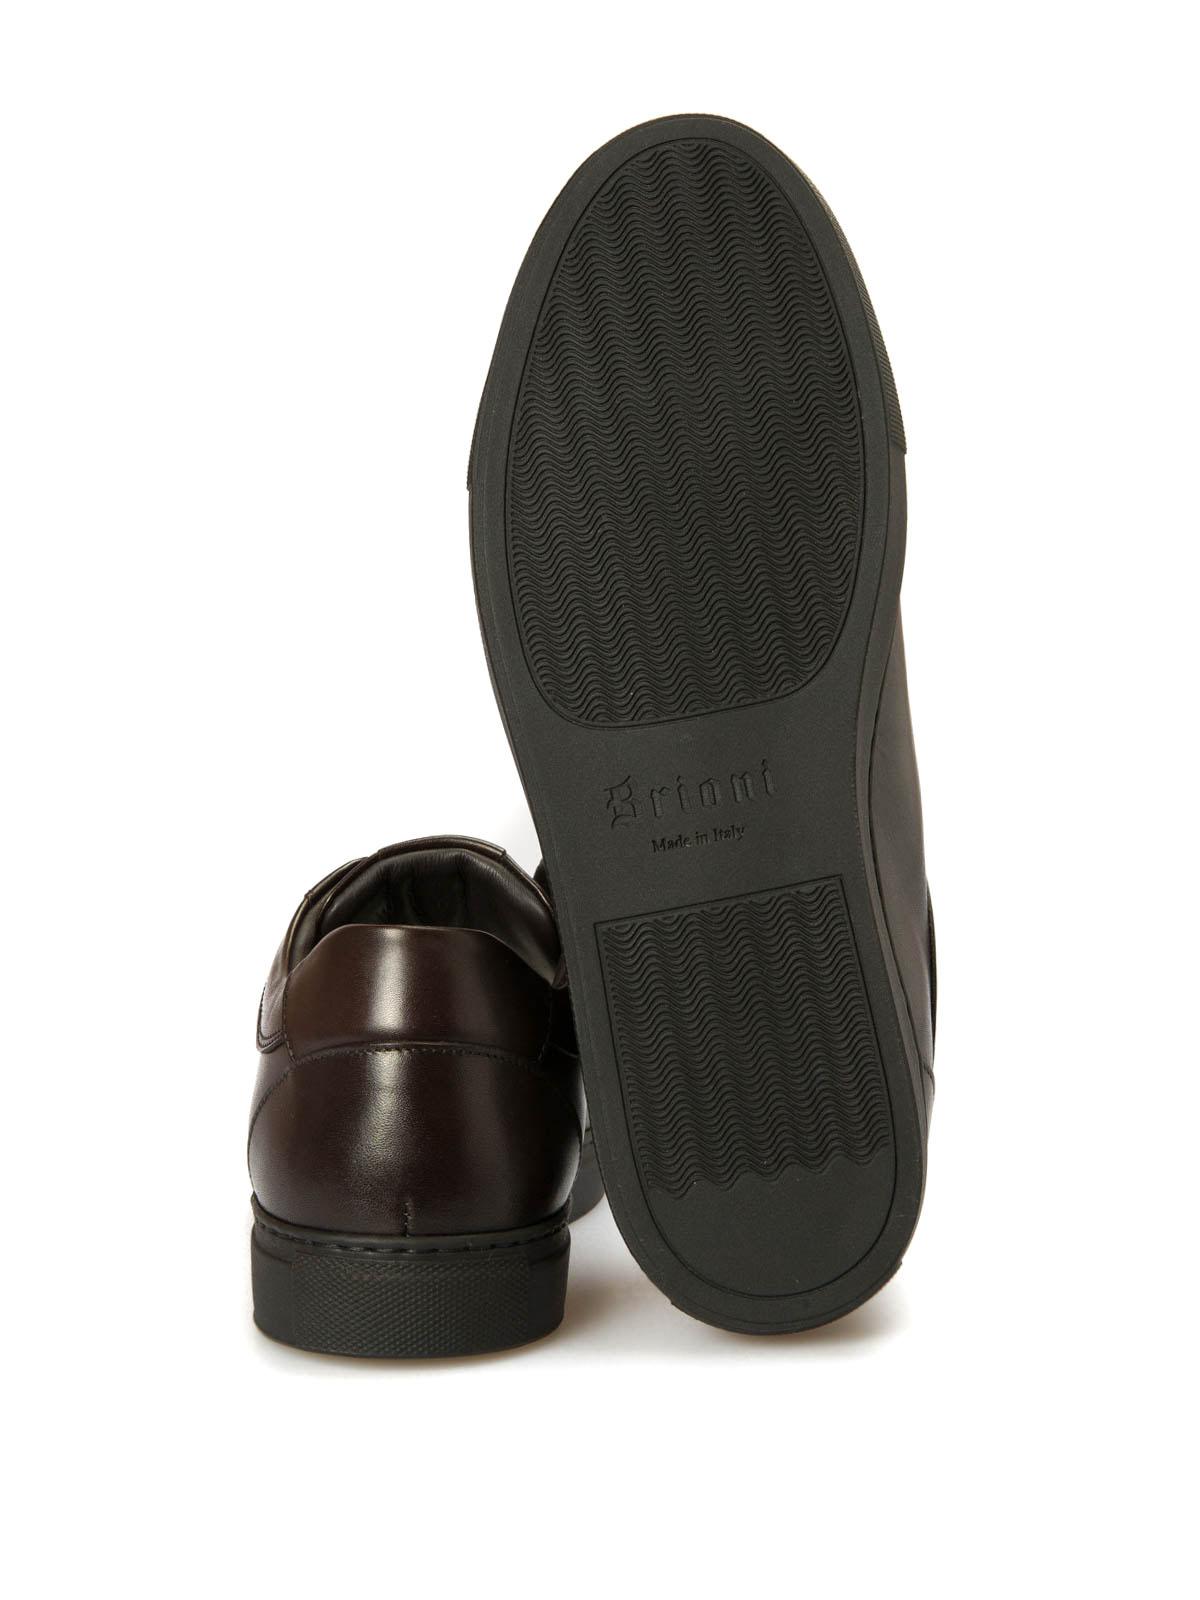 Brioni Sneaker Braun Sneaker QHFU0LO67182000